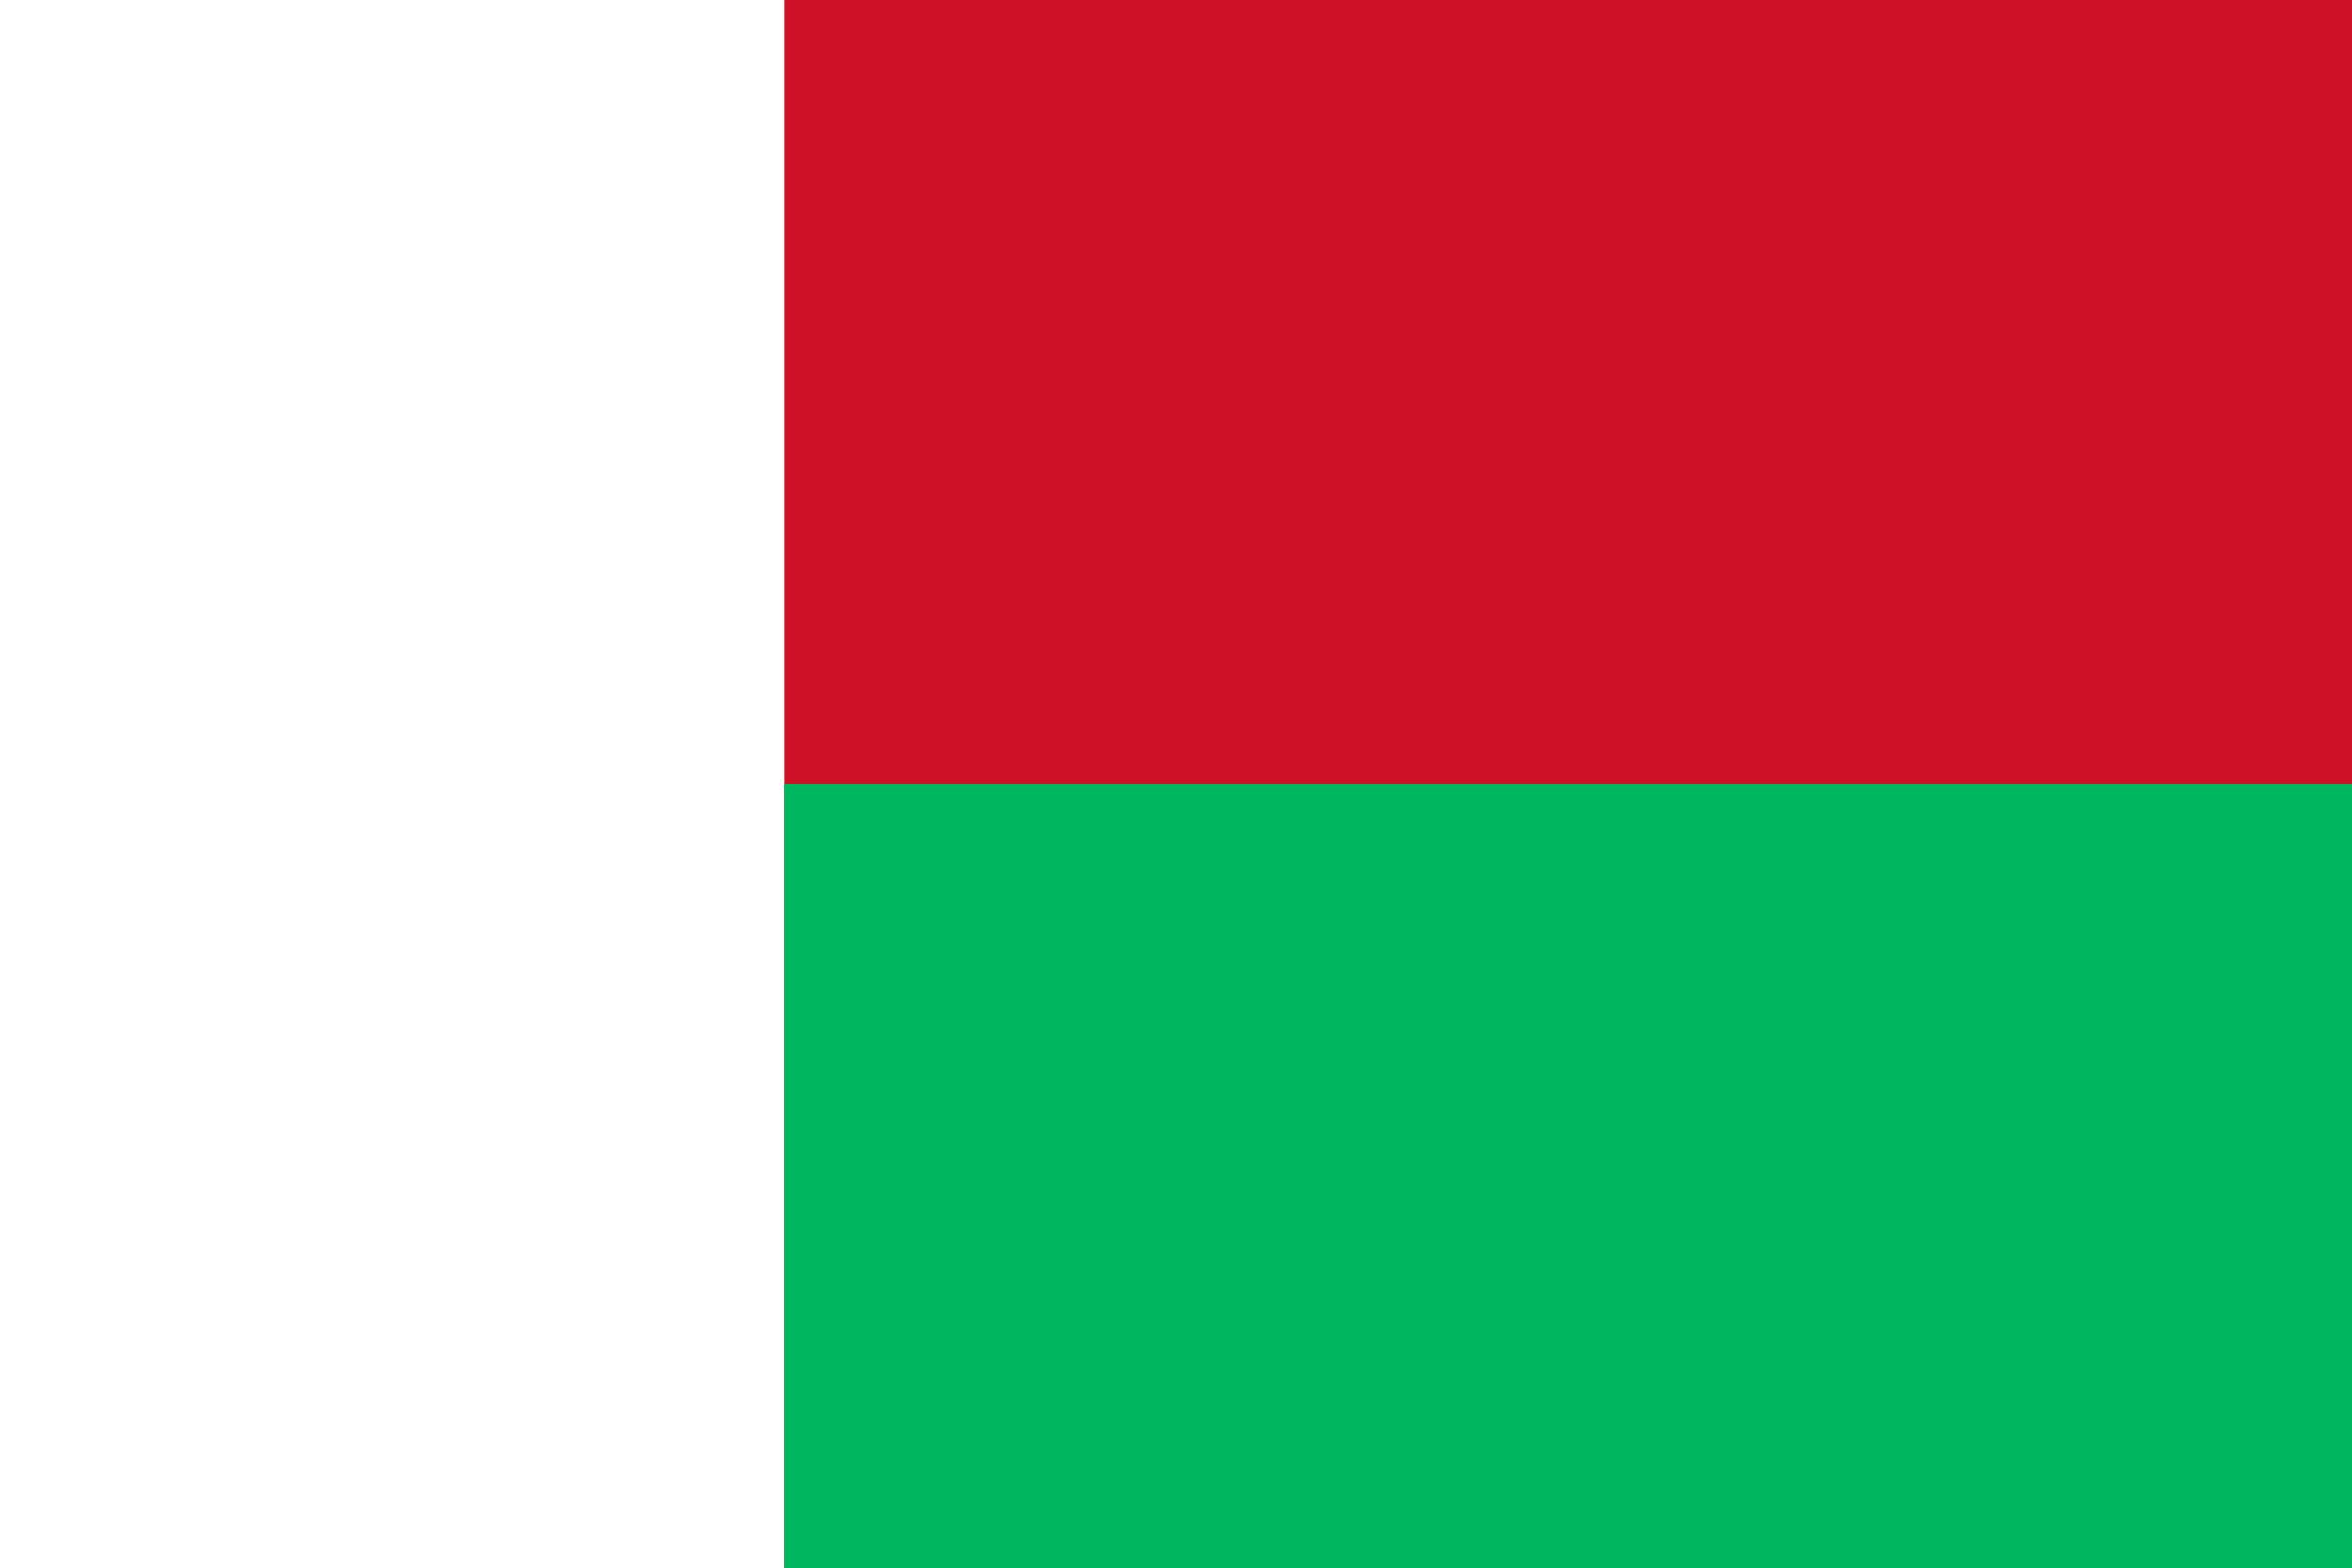 madagascar, Land, Emblem, Logo, Symbol - Wallpaper HD - Prof.-falken.com